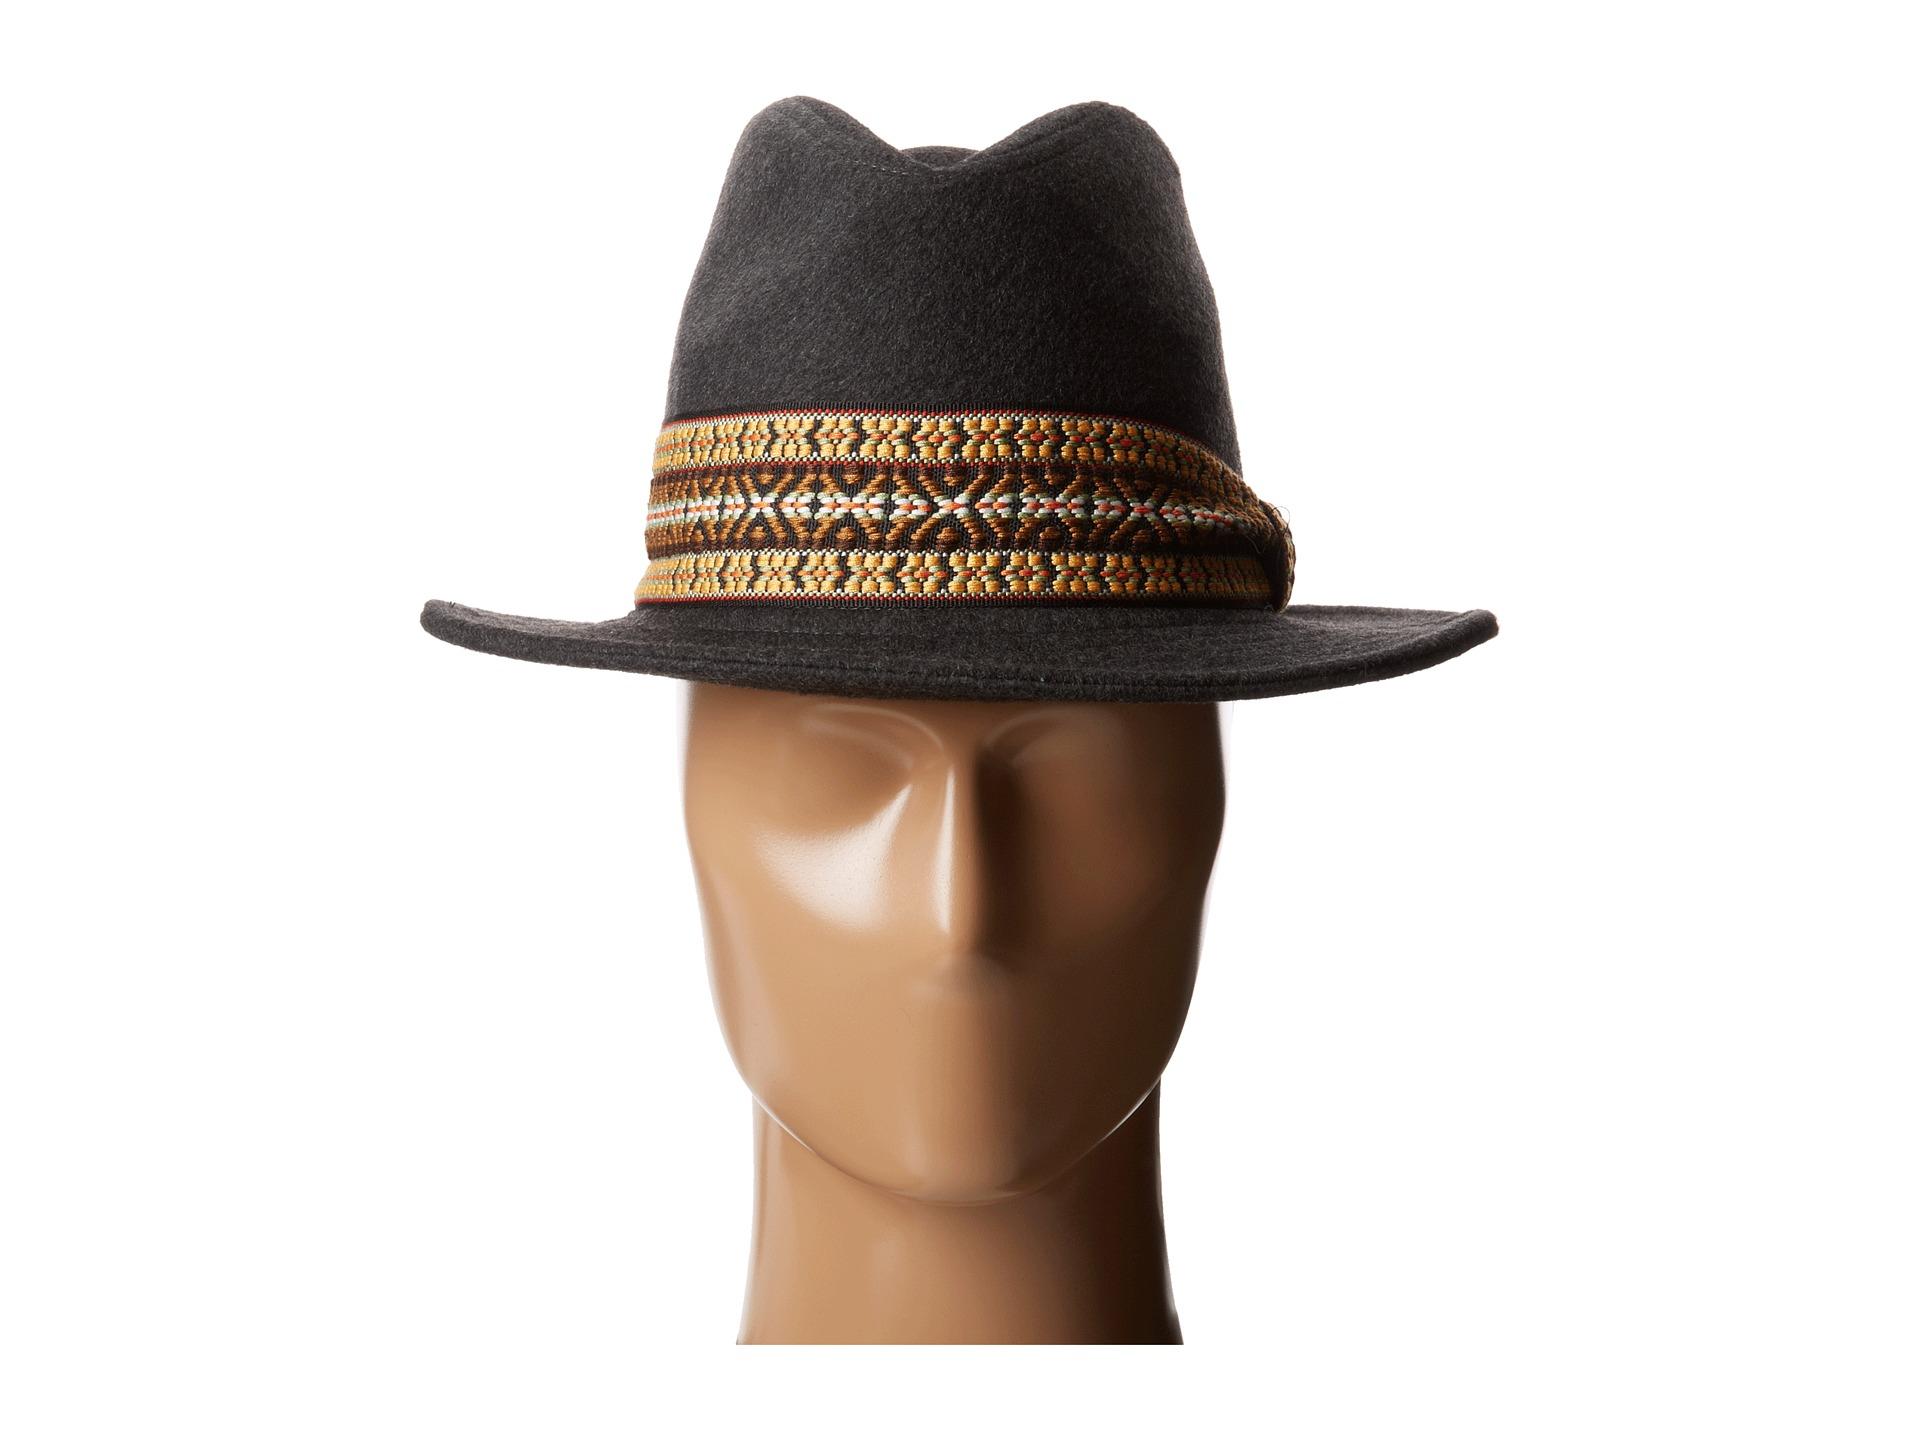 2ade613c052a9d San Diego Hat Company 2 Brim Felt Tall Crown Fedora W Jacquard Band ...